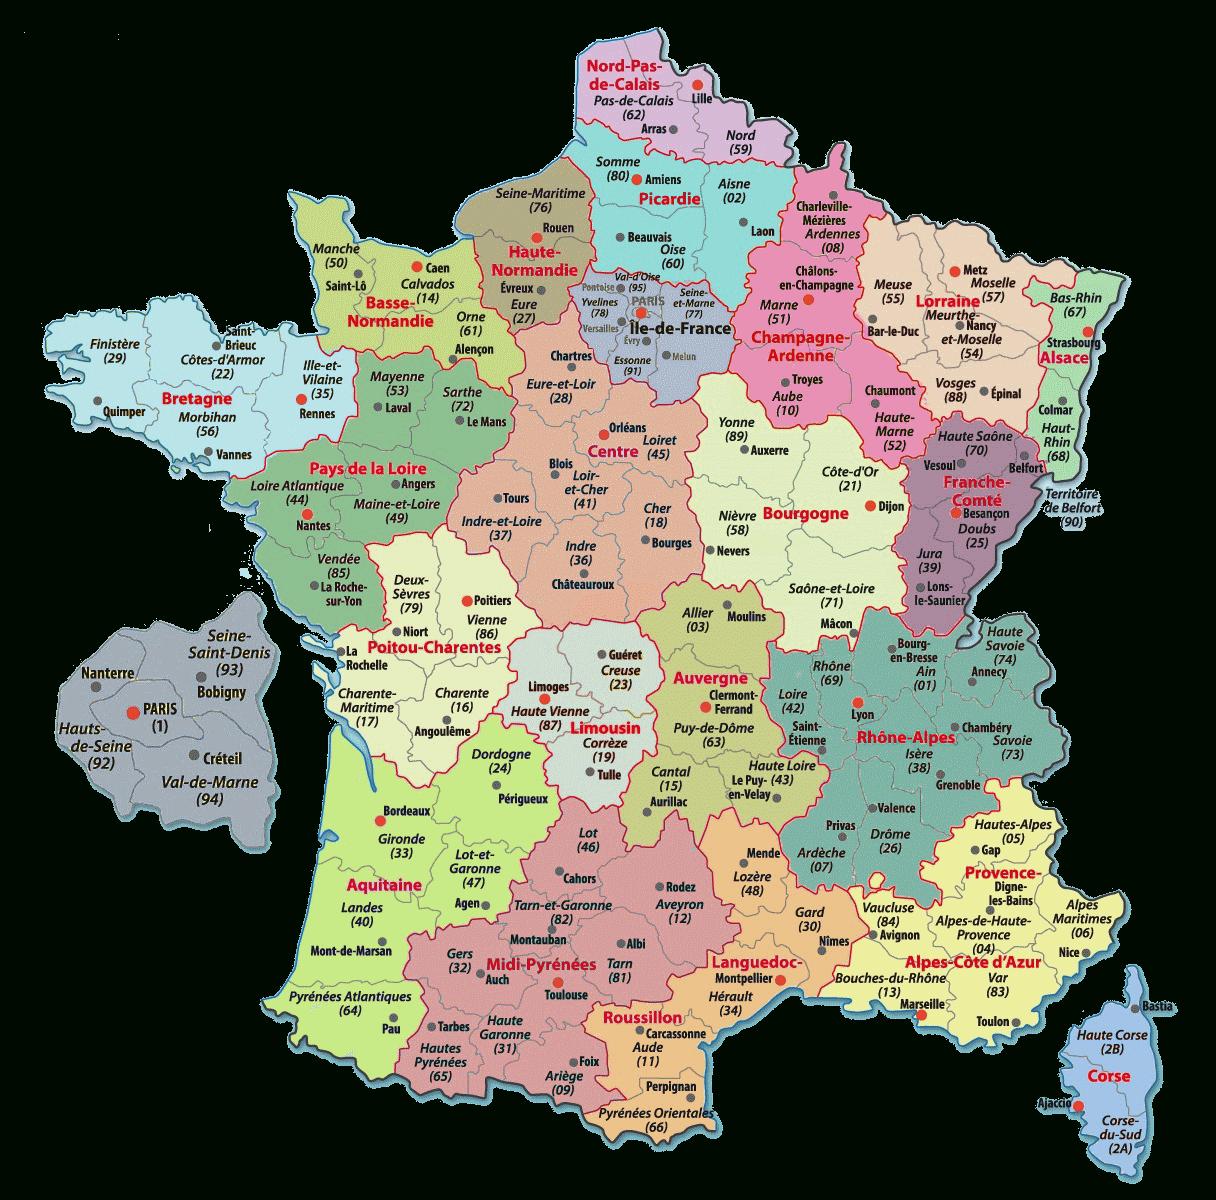 Carte De France Departements : Carte Des Départements De France dedans La Carte De France Et Ses Régions